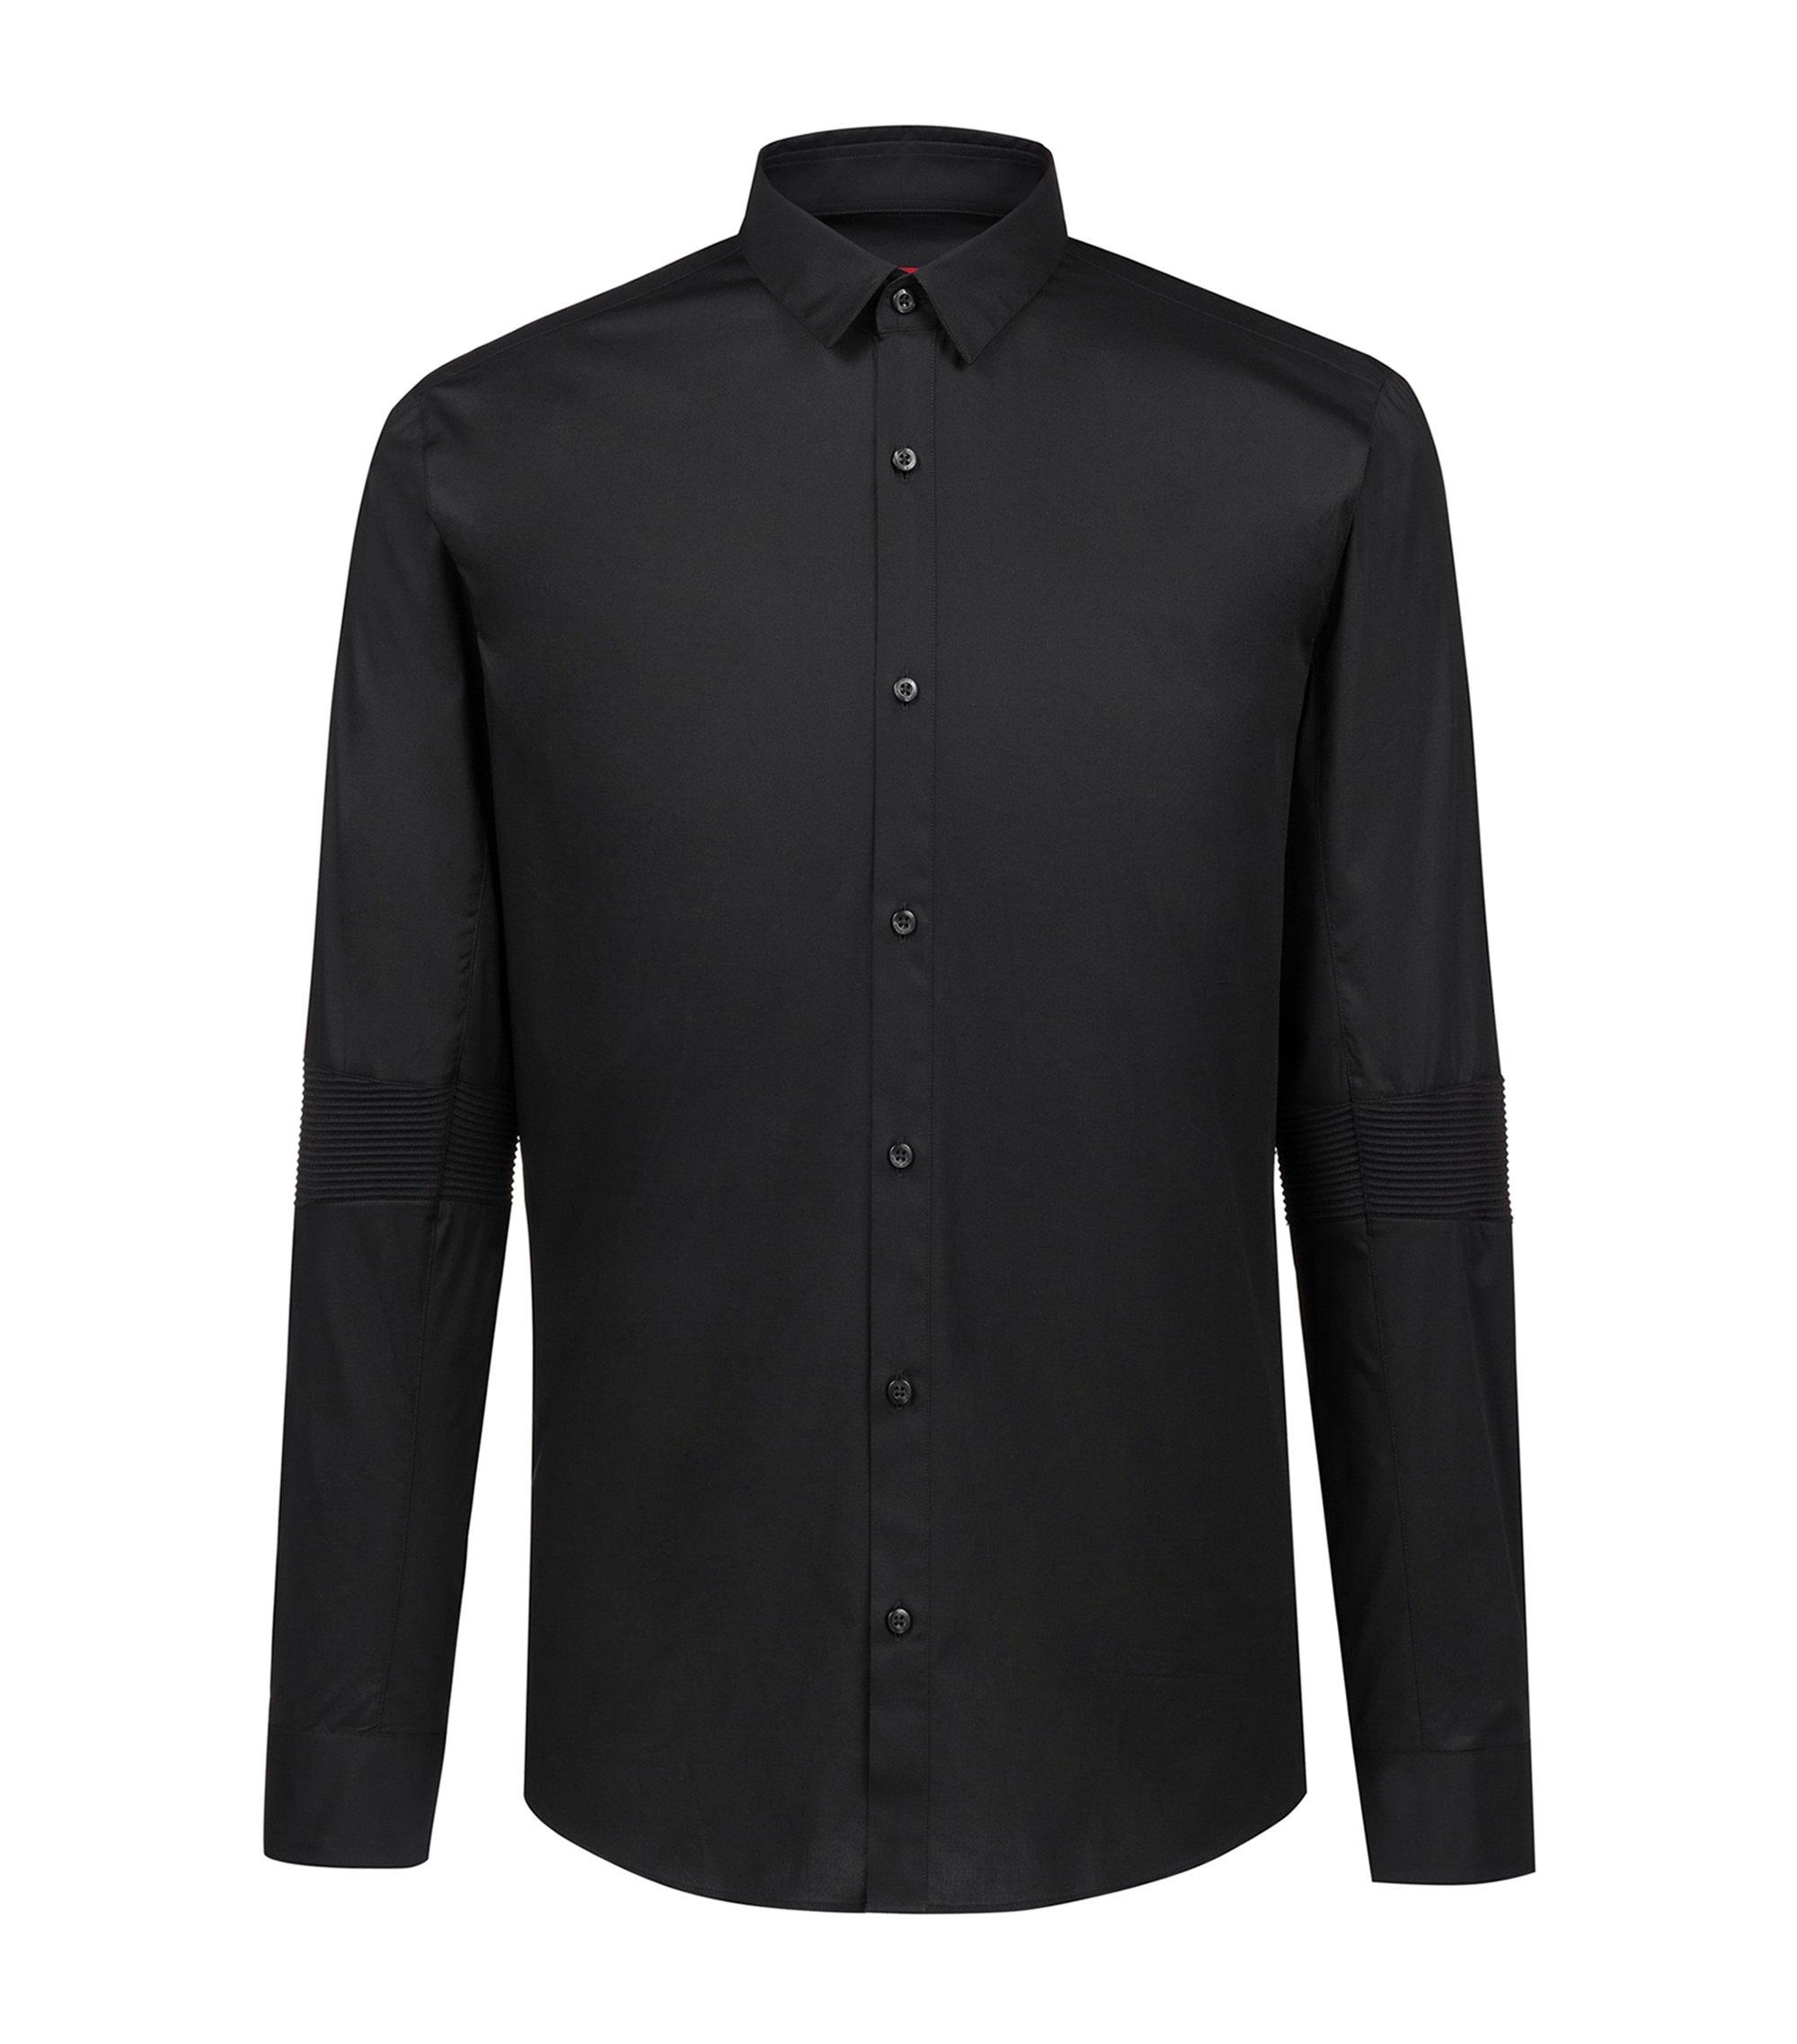 Chemise Extra Slim Fit en coton stretch avec coudes côtelés, Noir